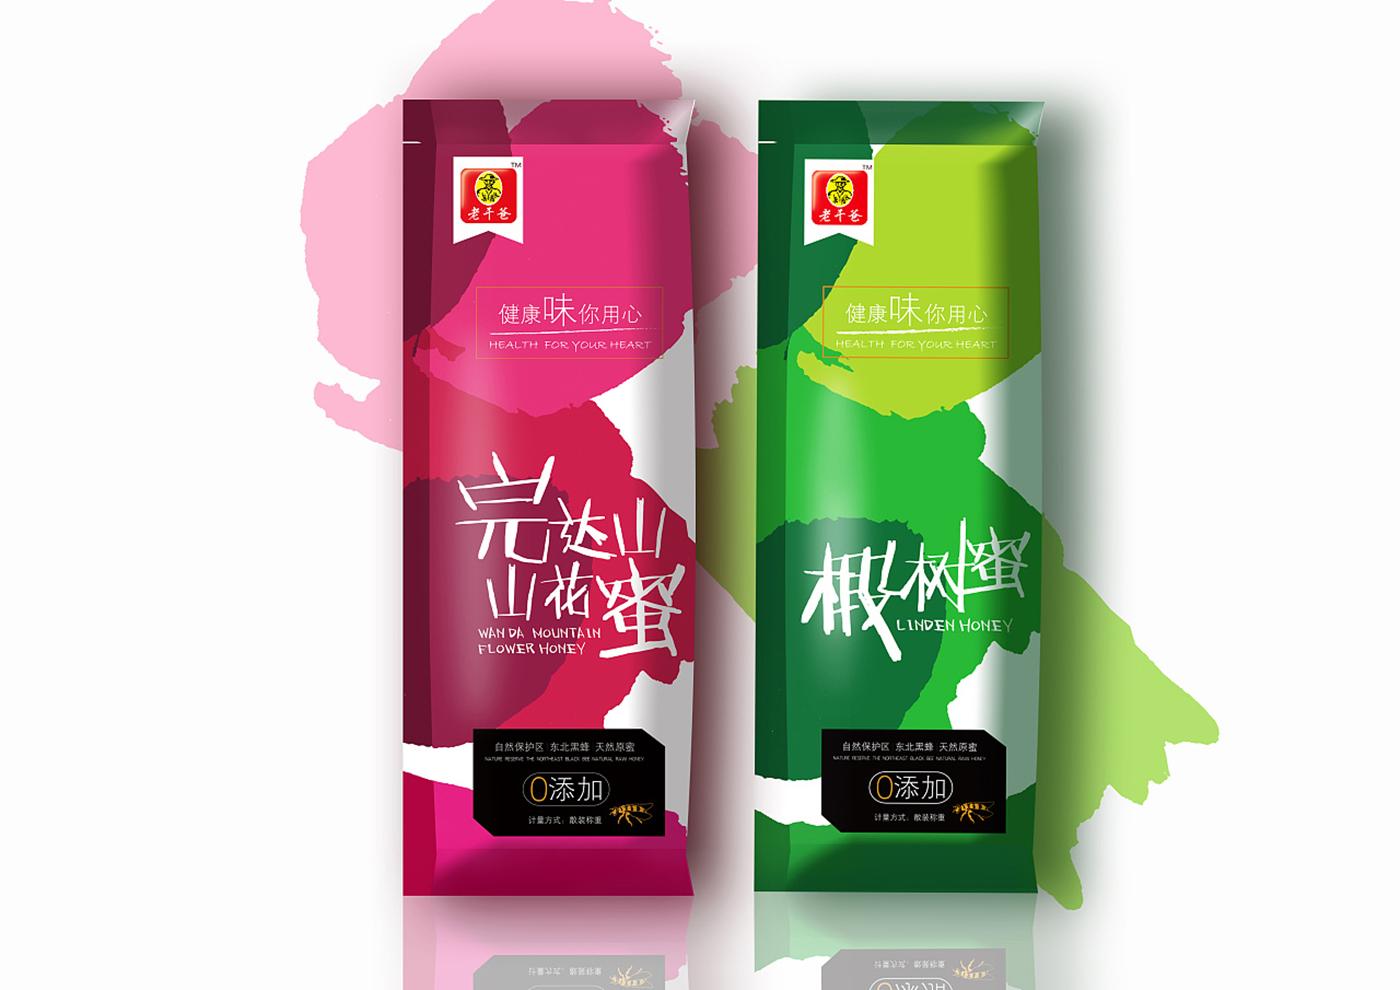 江苏老干爸食品有限公司-老干爸蜂蜜系列包装6